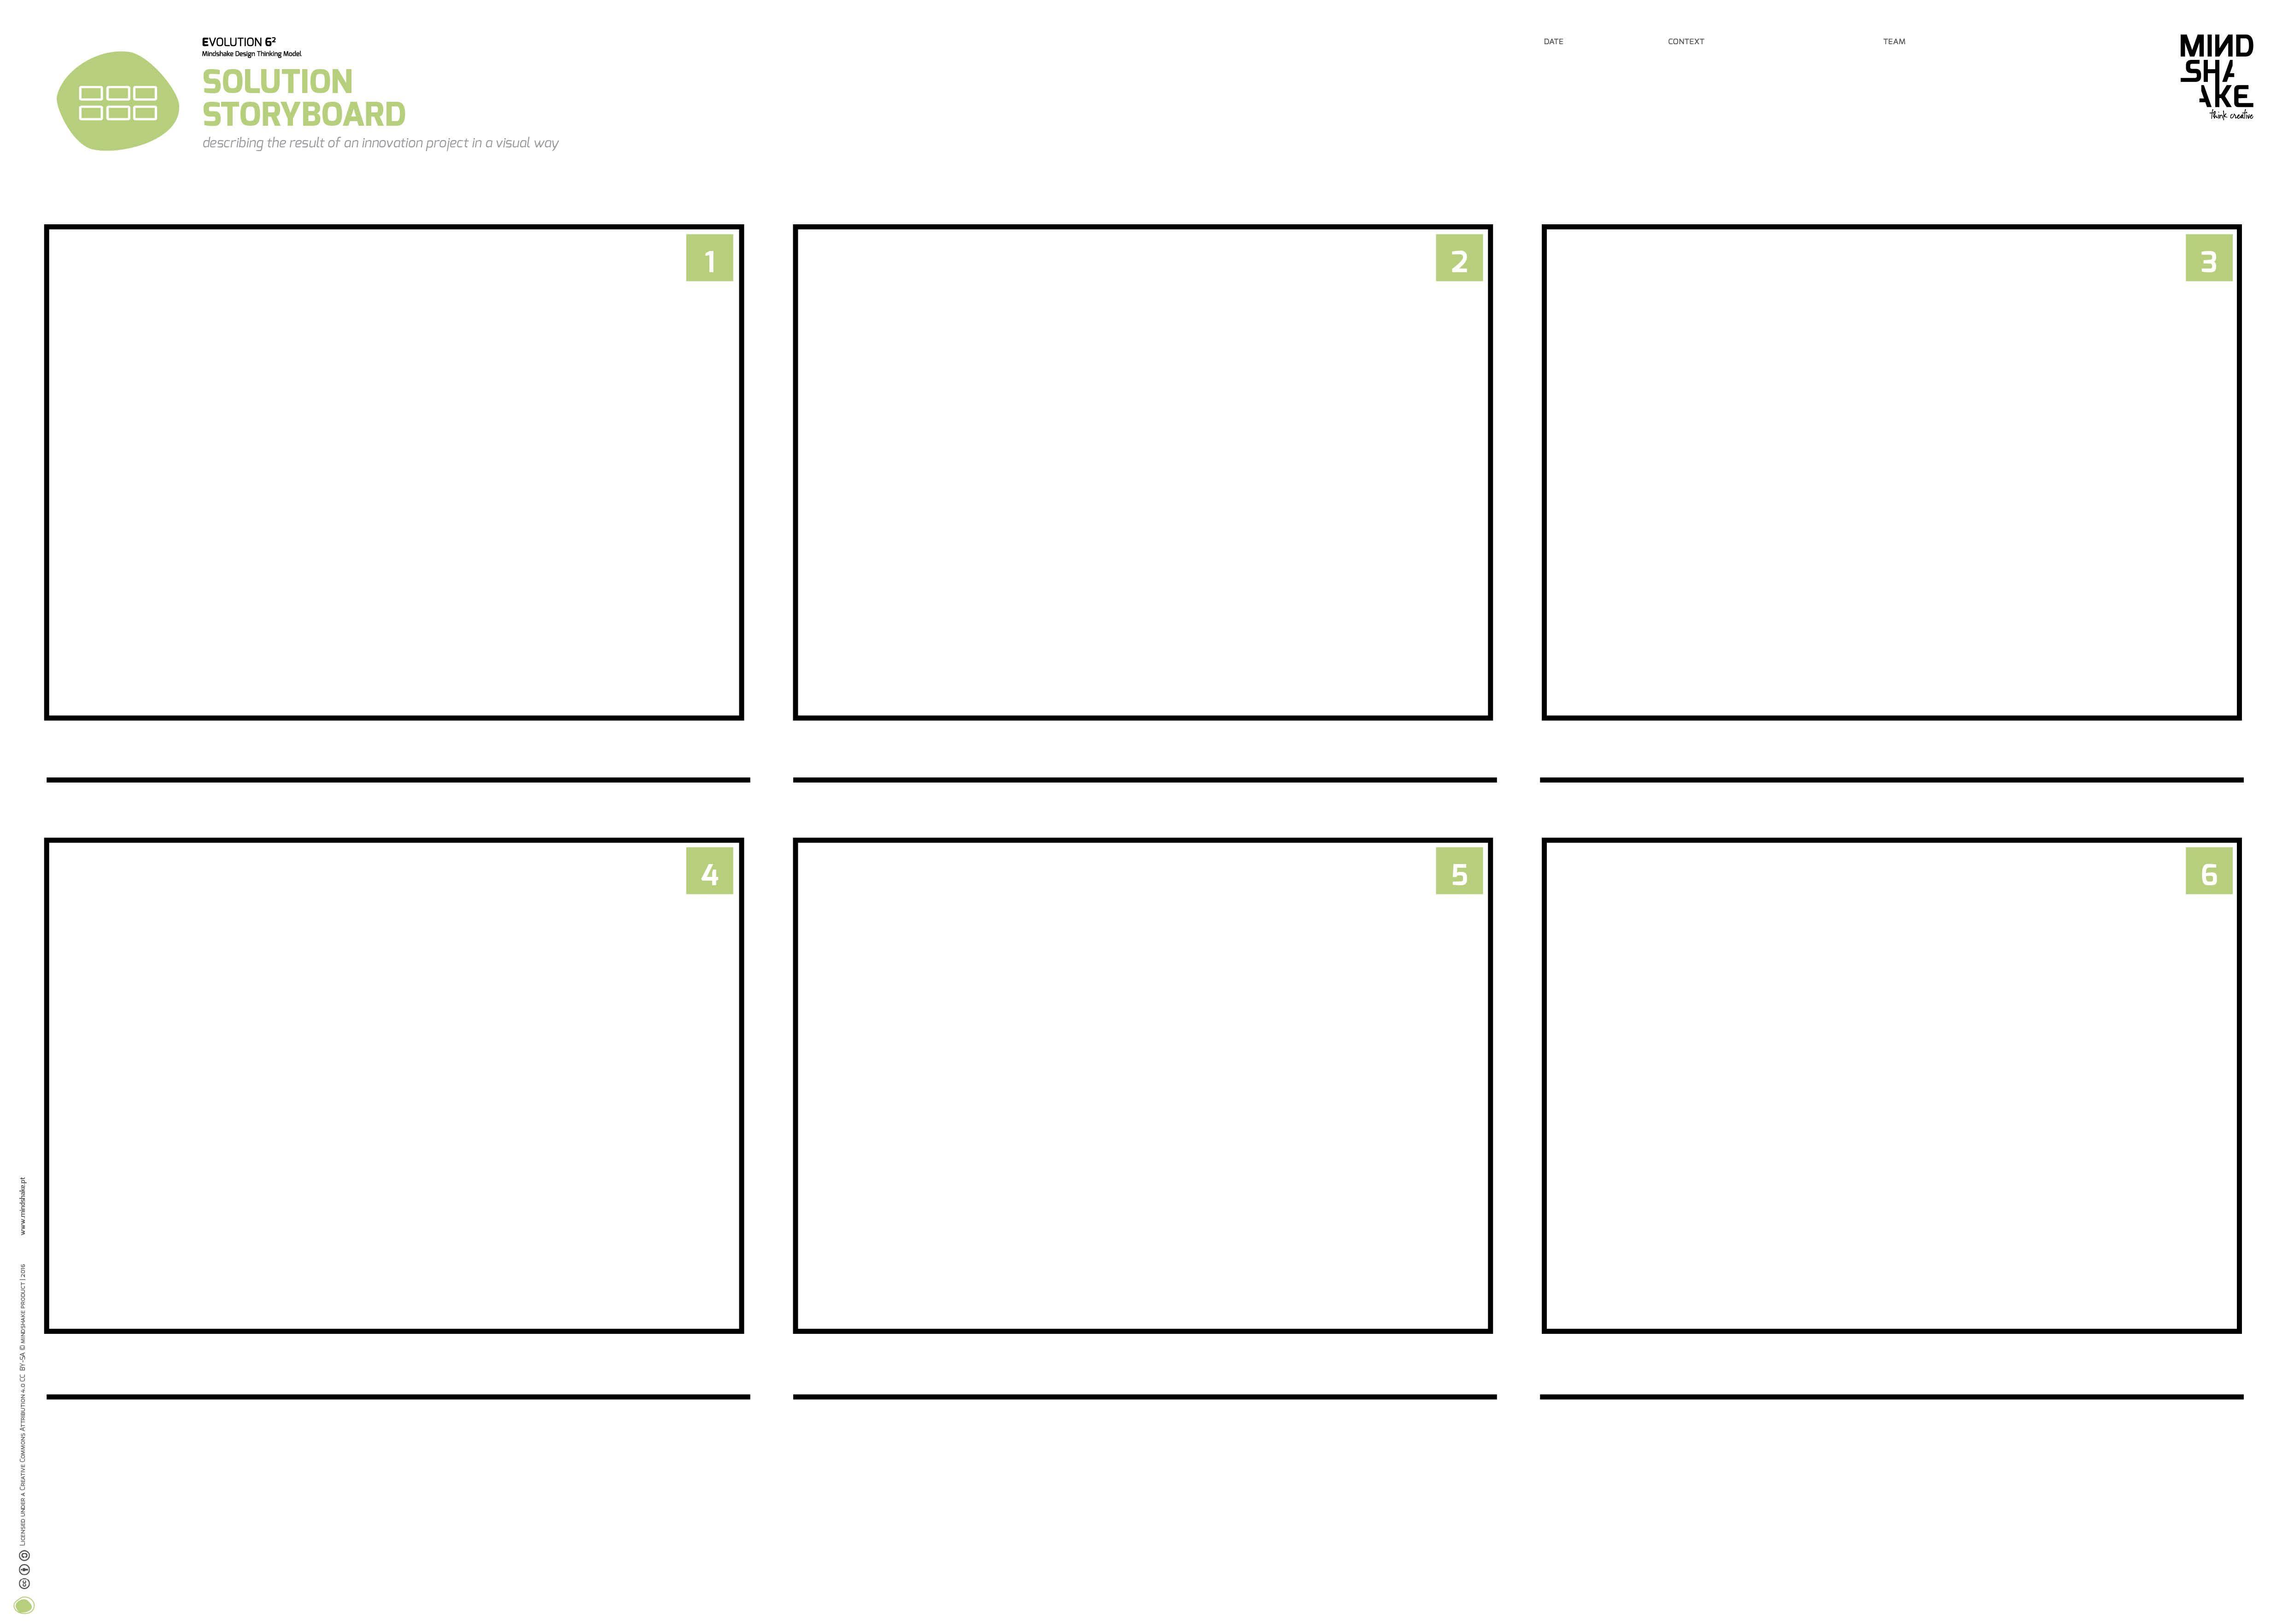 Solution Storyboard Mindshake Design Thinking TEMPLATES